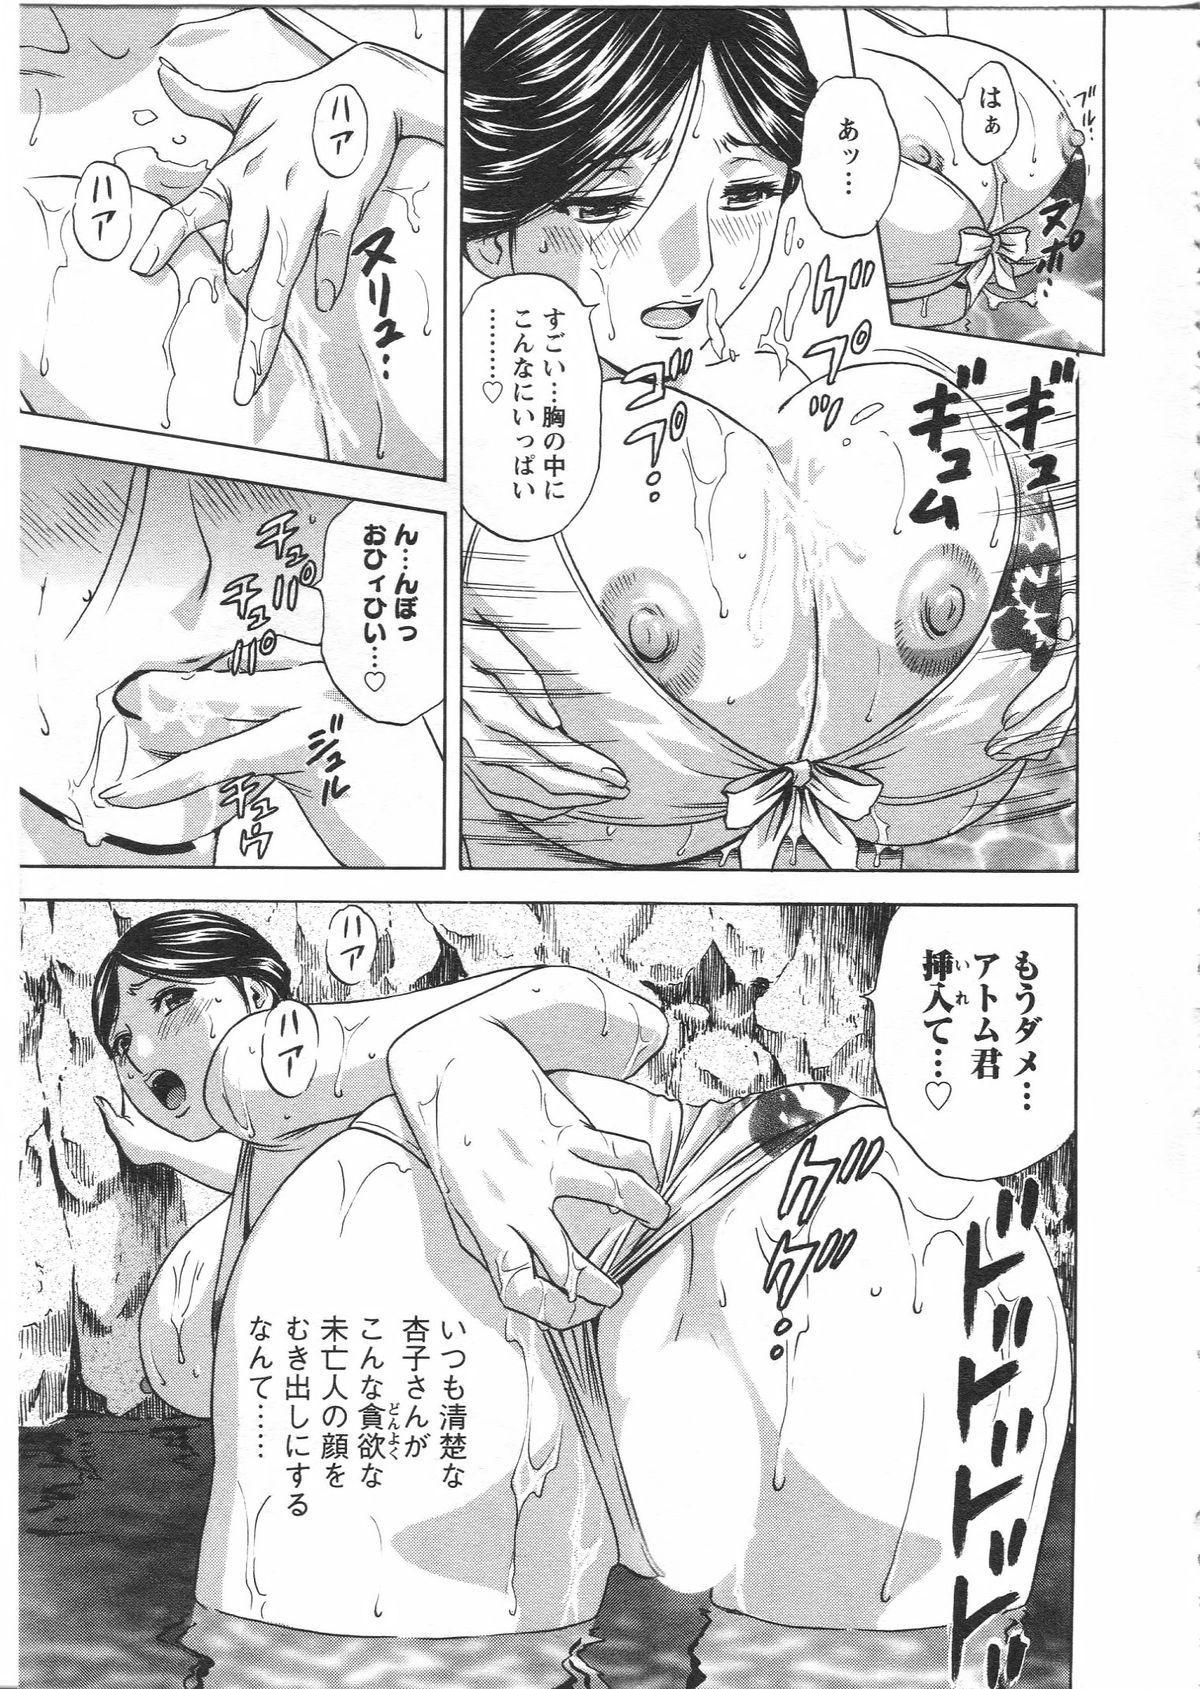 Manga no youna Hitozuma to no Hibi - Days with Married Women such as Comics. 128